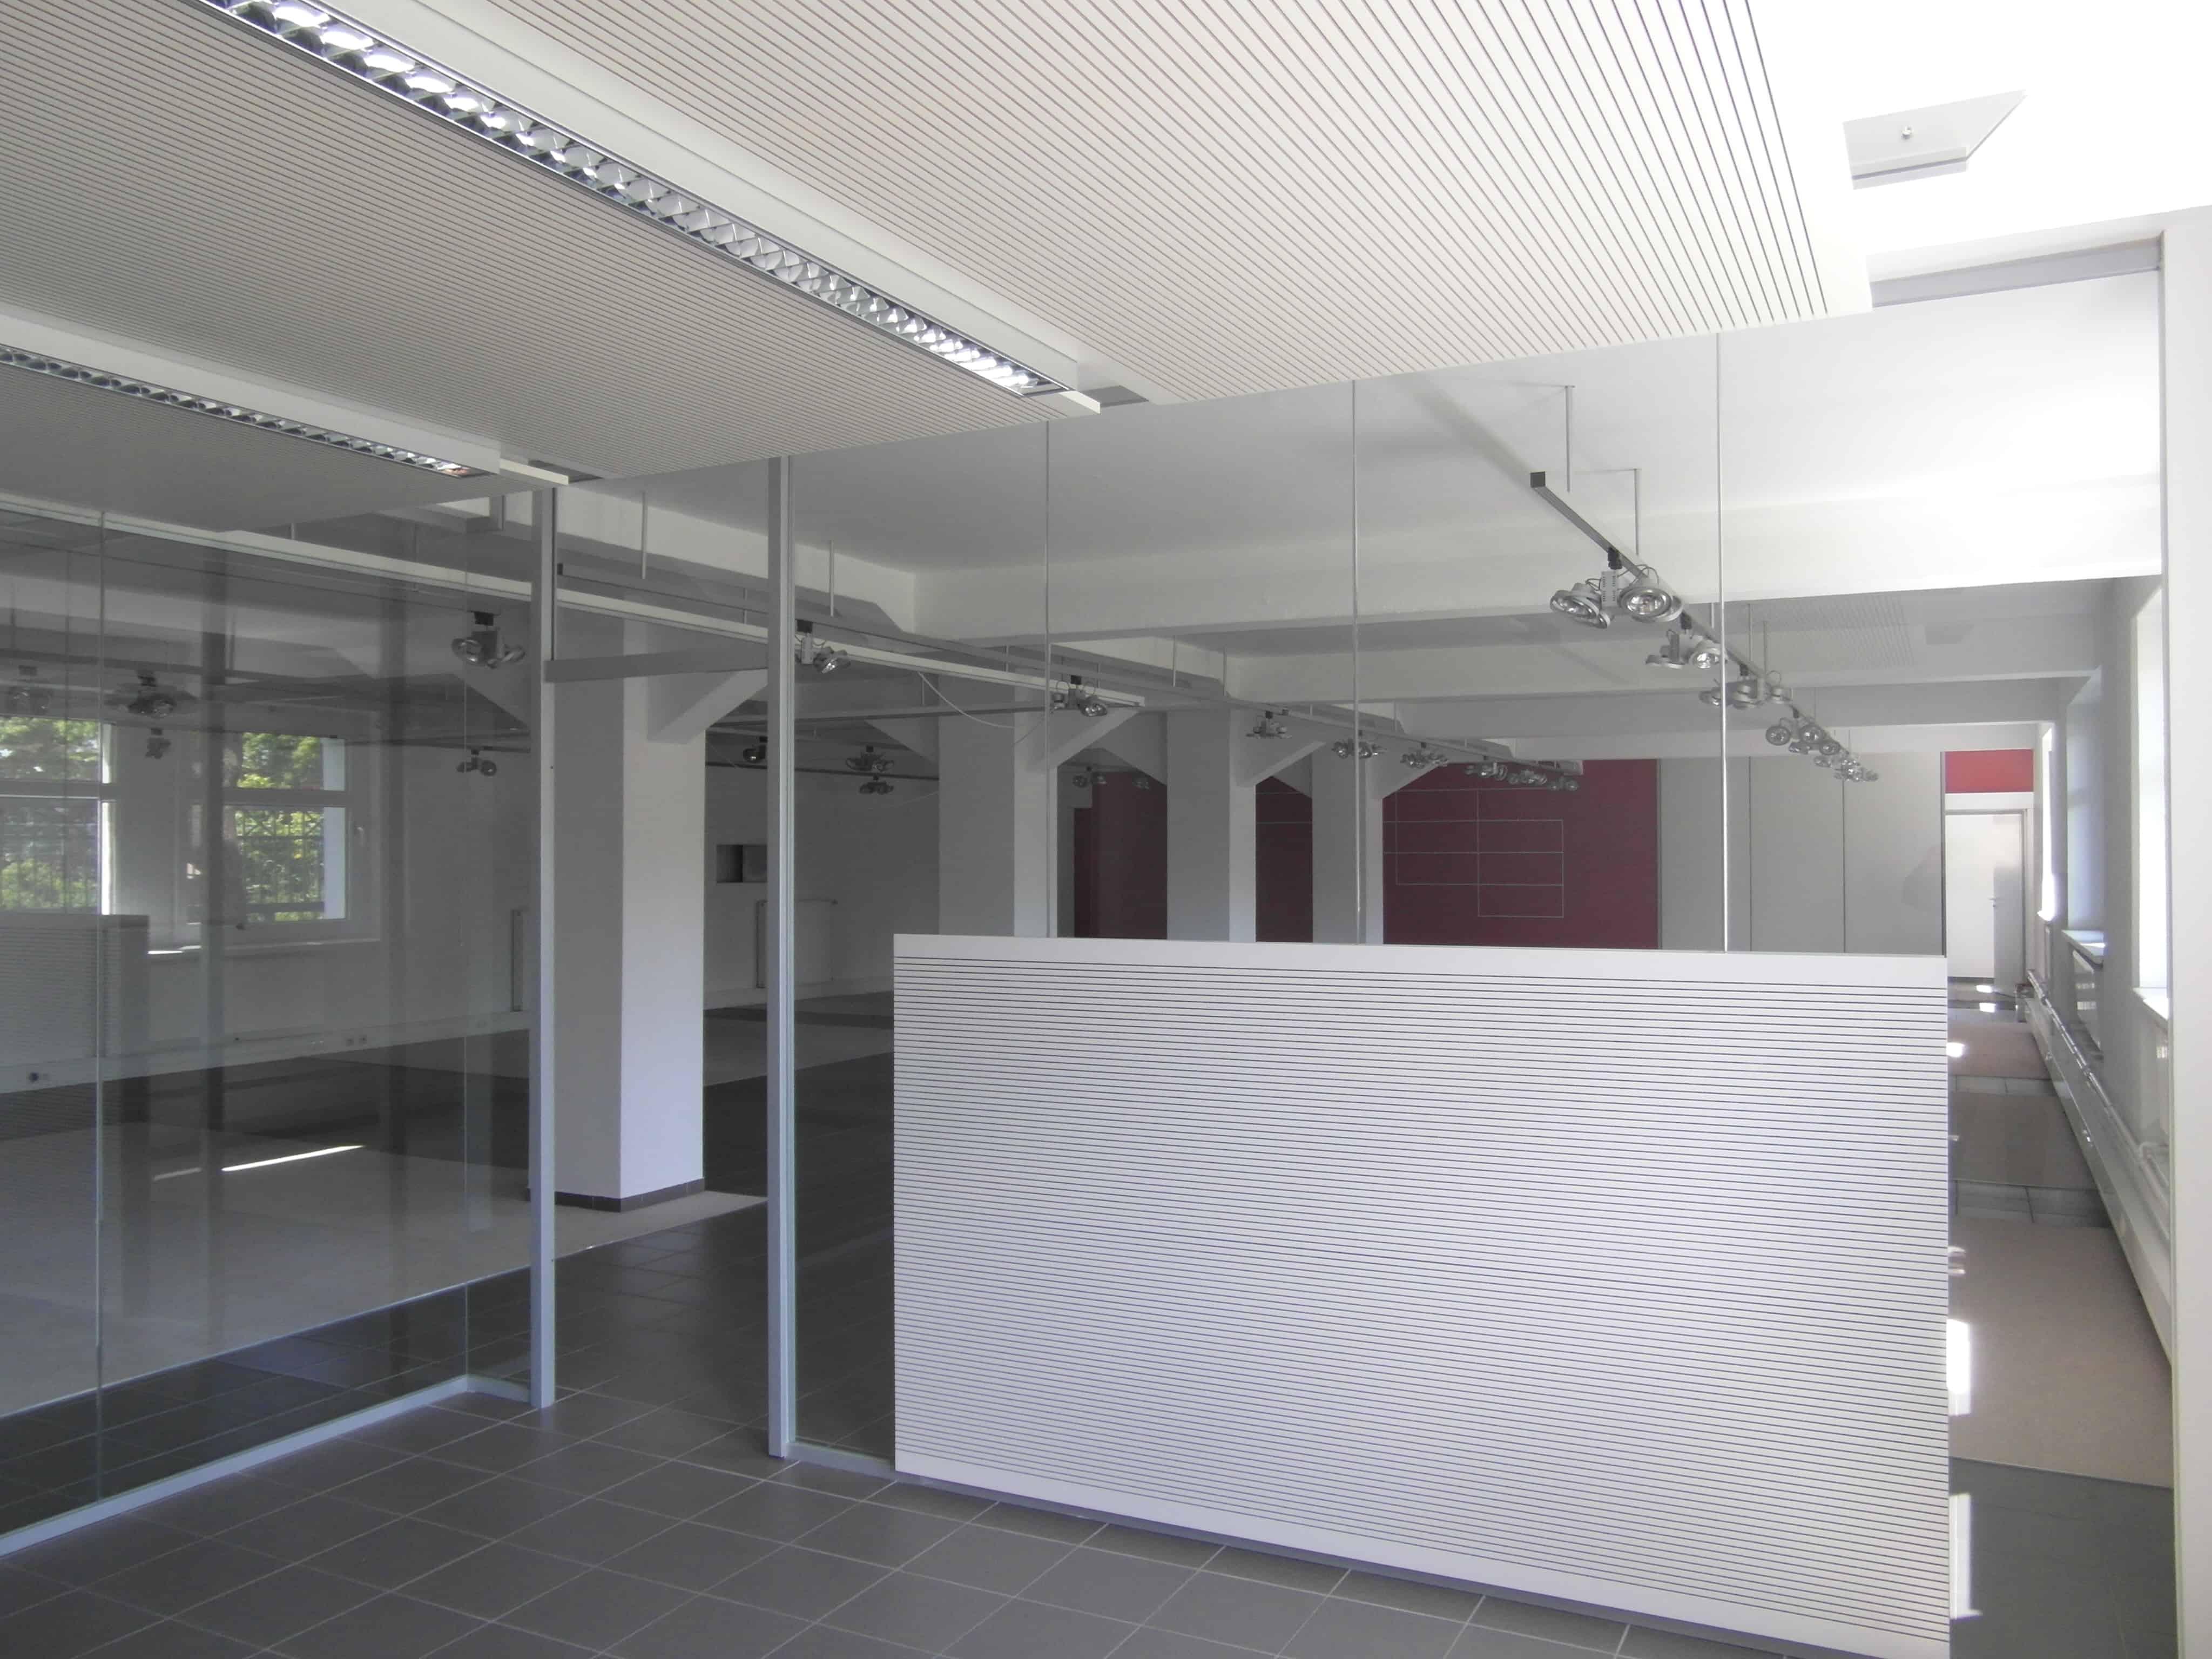 Büro-/Austellungsfläche in Melle zu vermieten (teilbar) - Blomeier ...